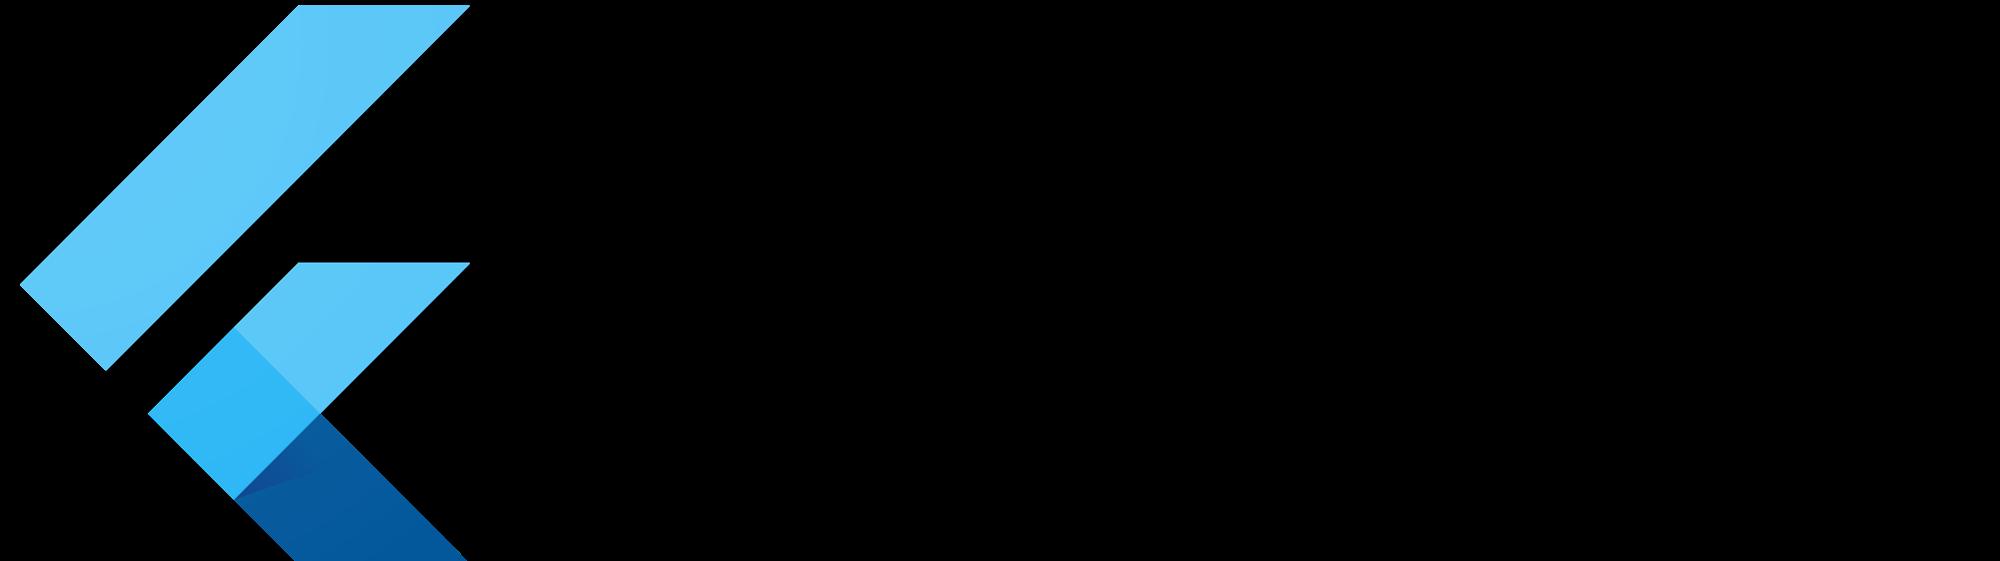 logo_lockup_flutter_horizontal.png